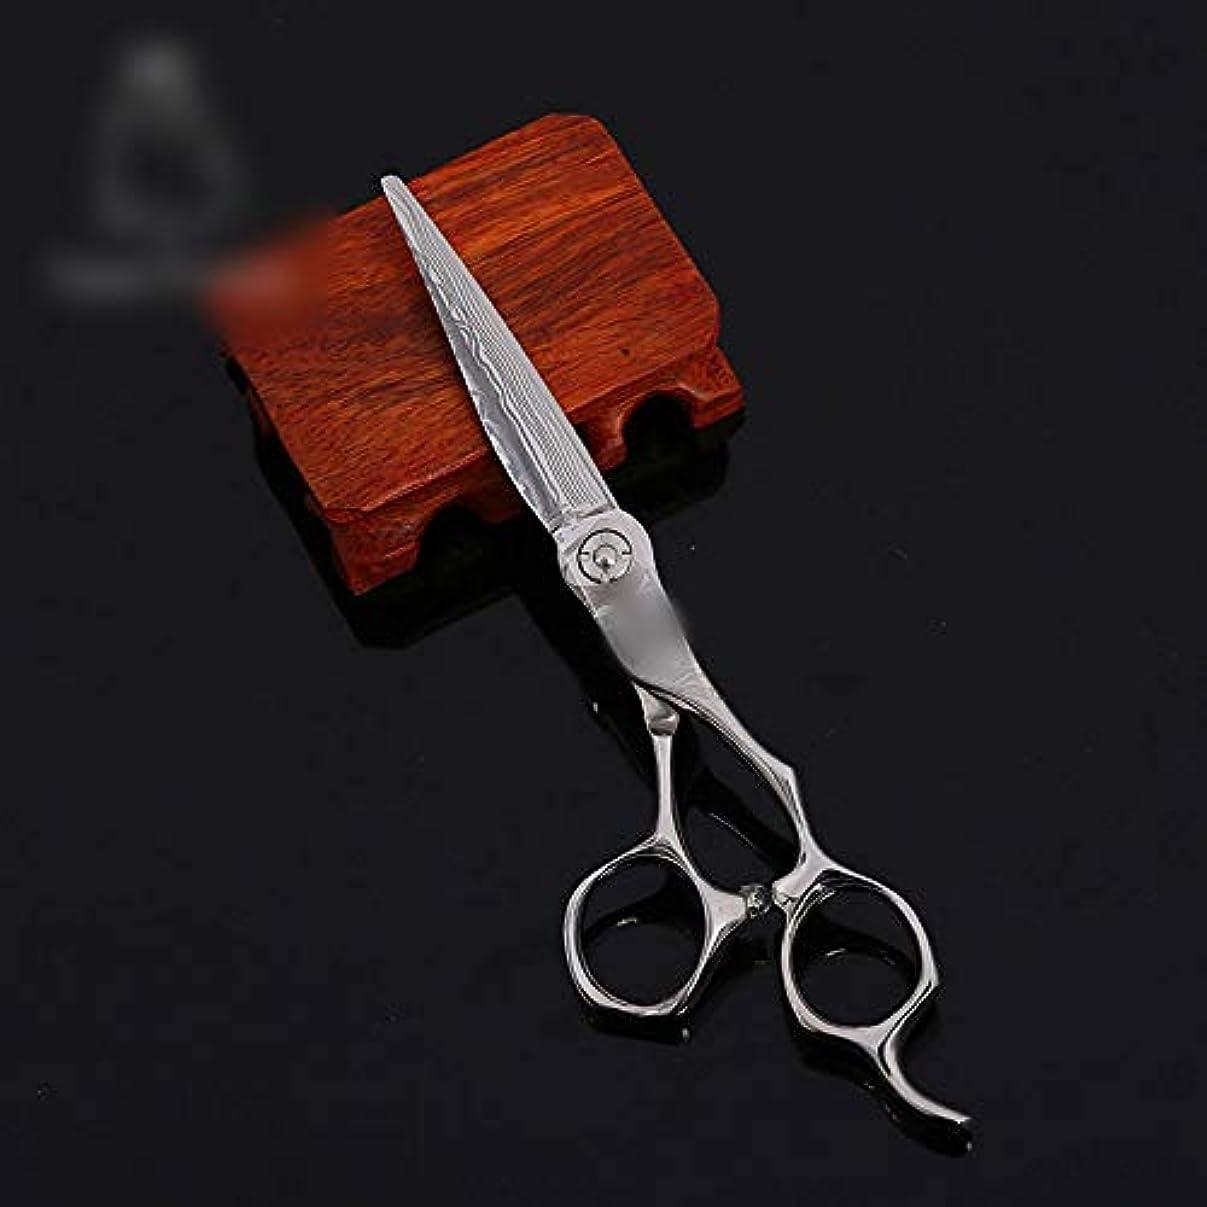 コジオスコ信頼性昇るWASAIO 美容専門の理髪ツールの髪のはさみはさみ理容室ヘアカットビアードシザー口ひげトリミング武装具間伐面内せん断6インチカッティング (色 : Silver)